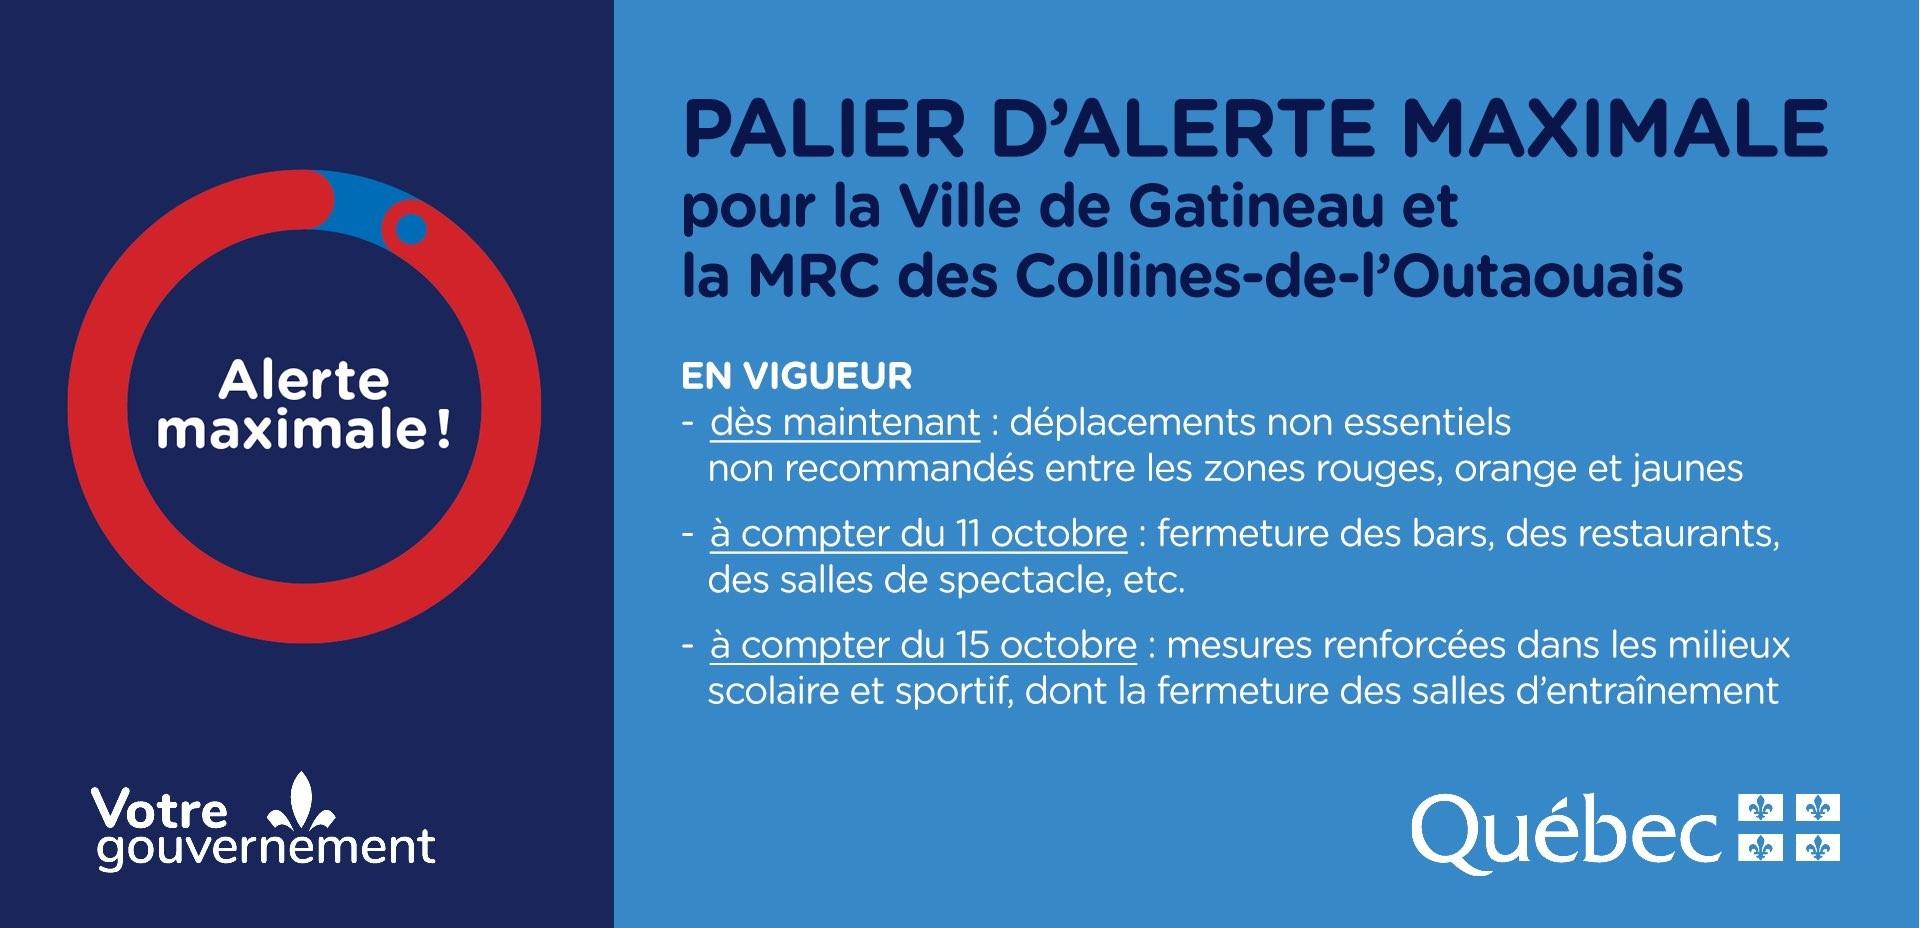 Covid 19 Zone Rouge Pour La Ville De Gatineau Et La Mrc Des Collines De L Outaouais Chambre De Commerce De Gatineau